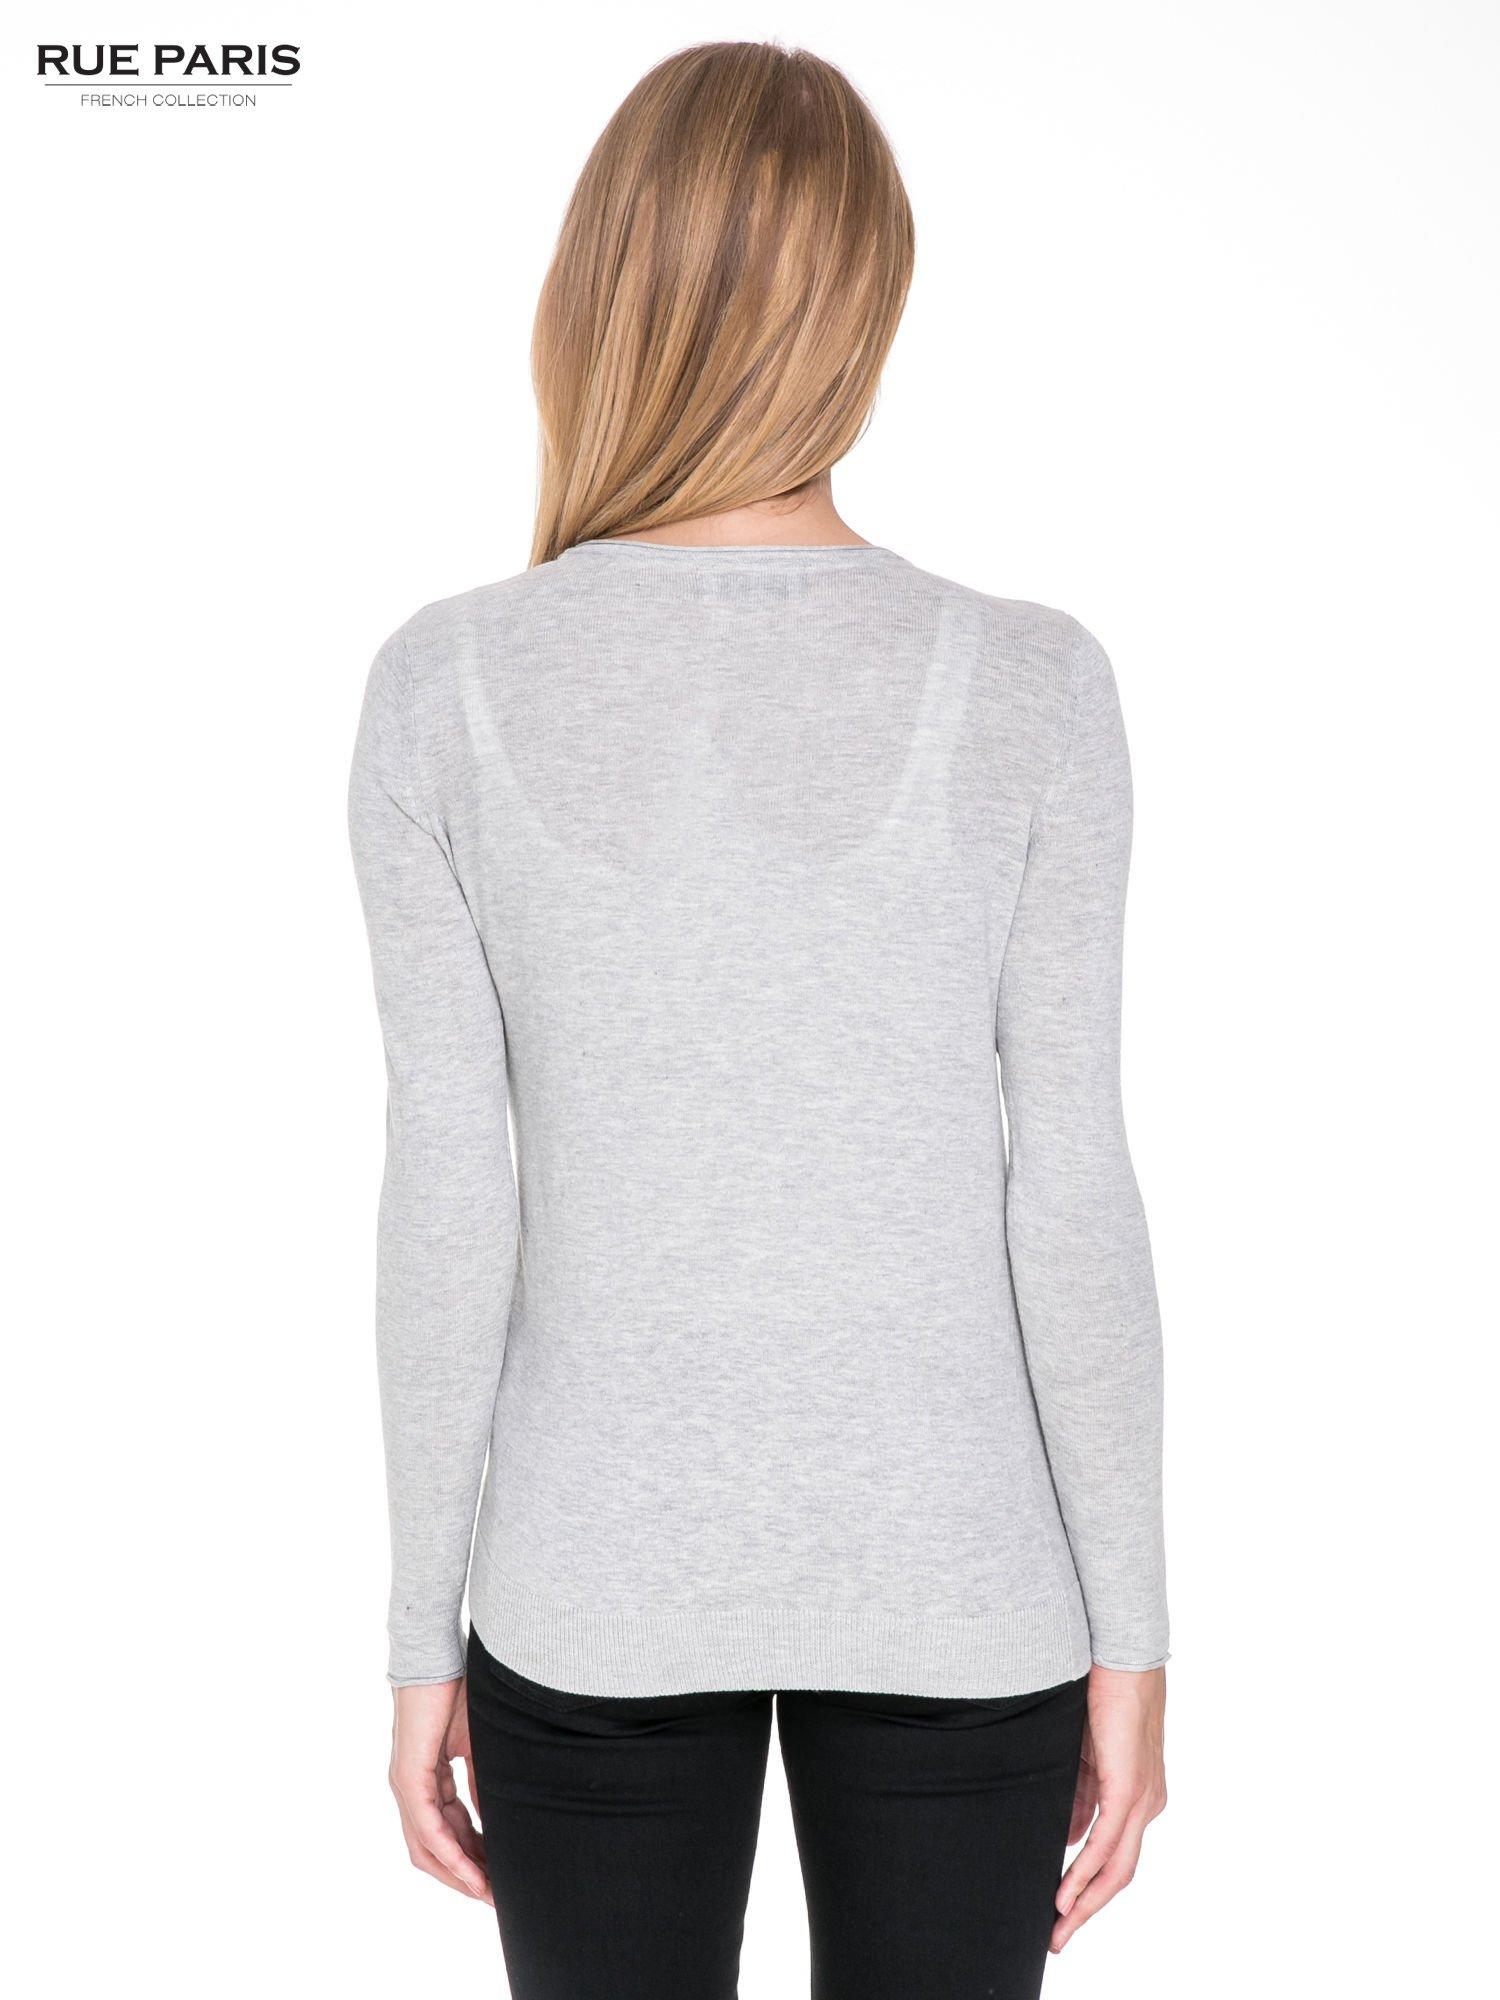 Szary sweterek kardigan o kaskadowym fasonie                                  zdj.                                  2